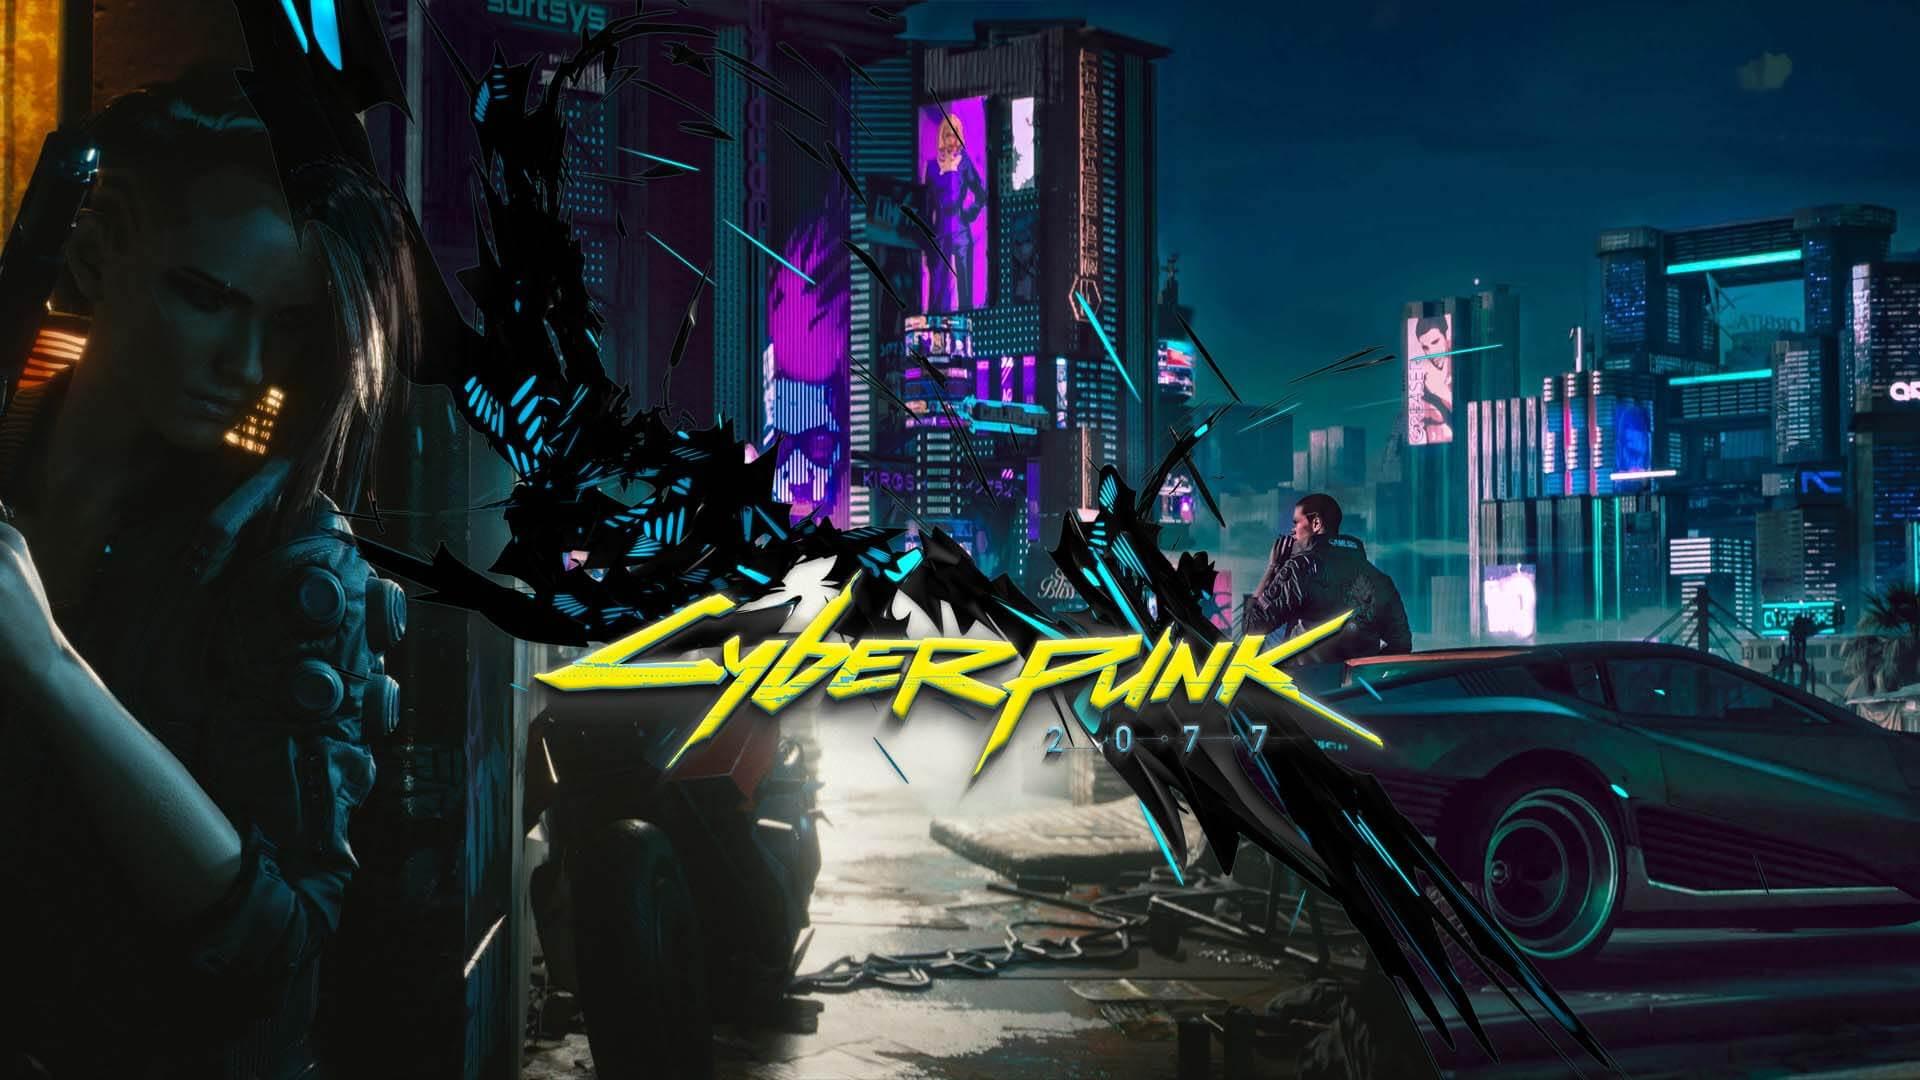 مراجعة لعبة cyberpunk 2077 cut scenes